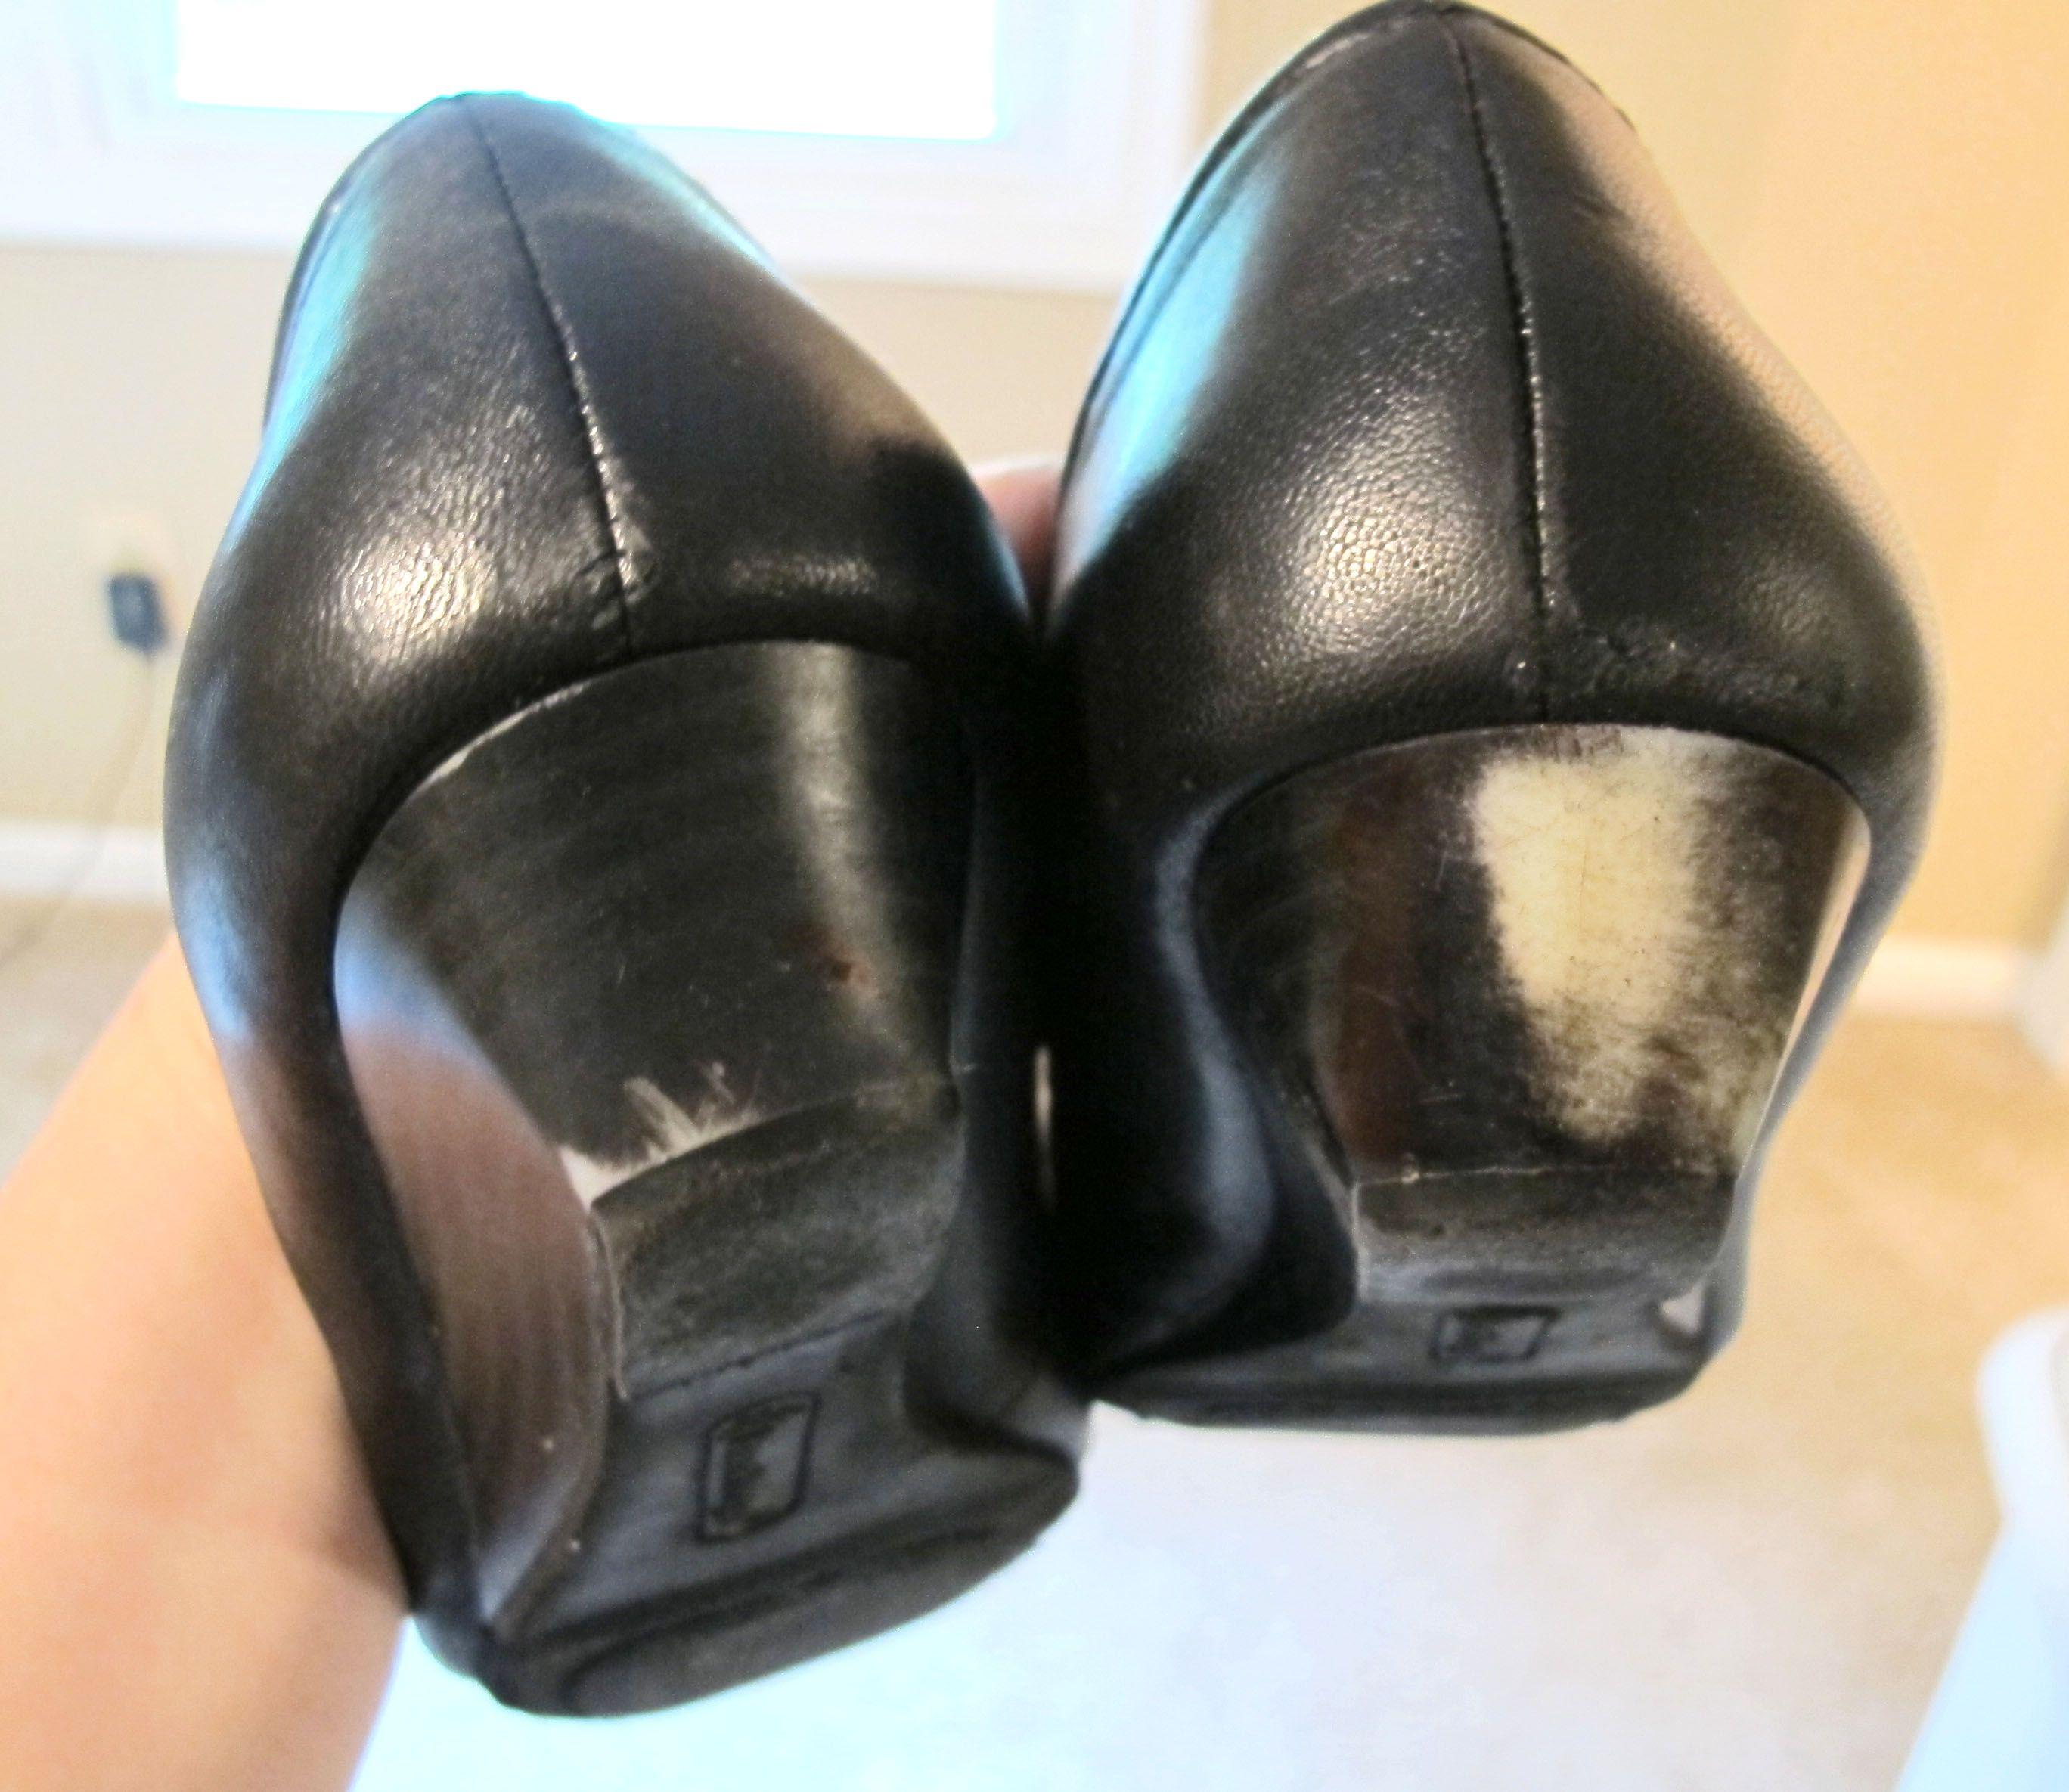 Scuffed Shoes Shoe Repair Diy Leather Shoe Repair Shoe Heel Repair